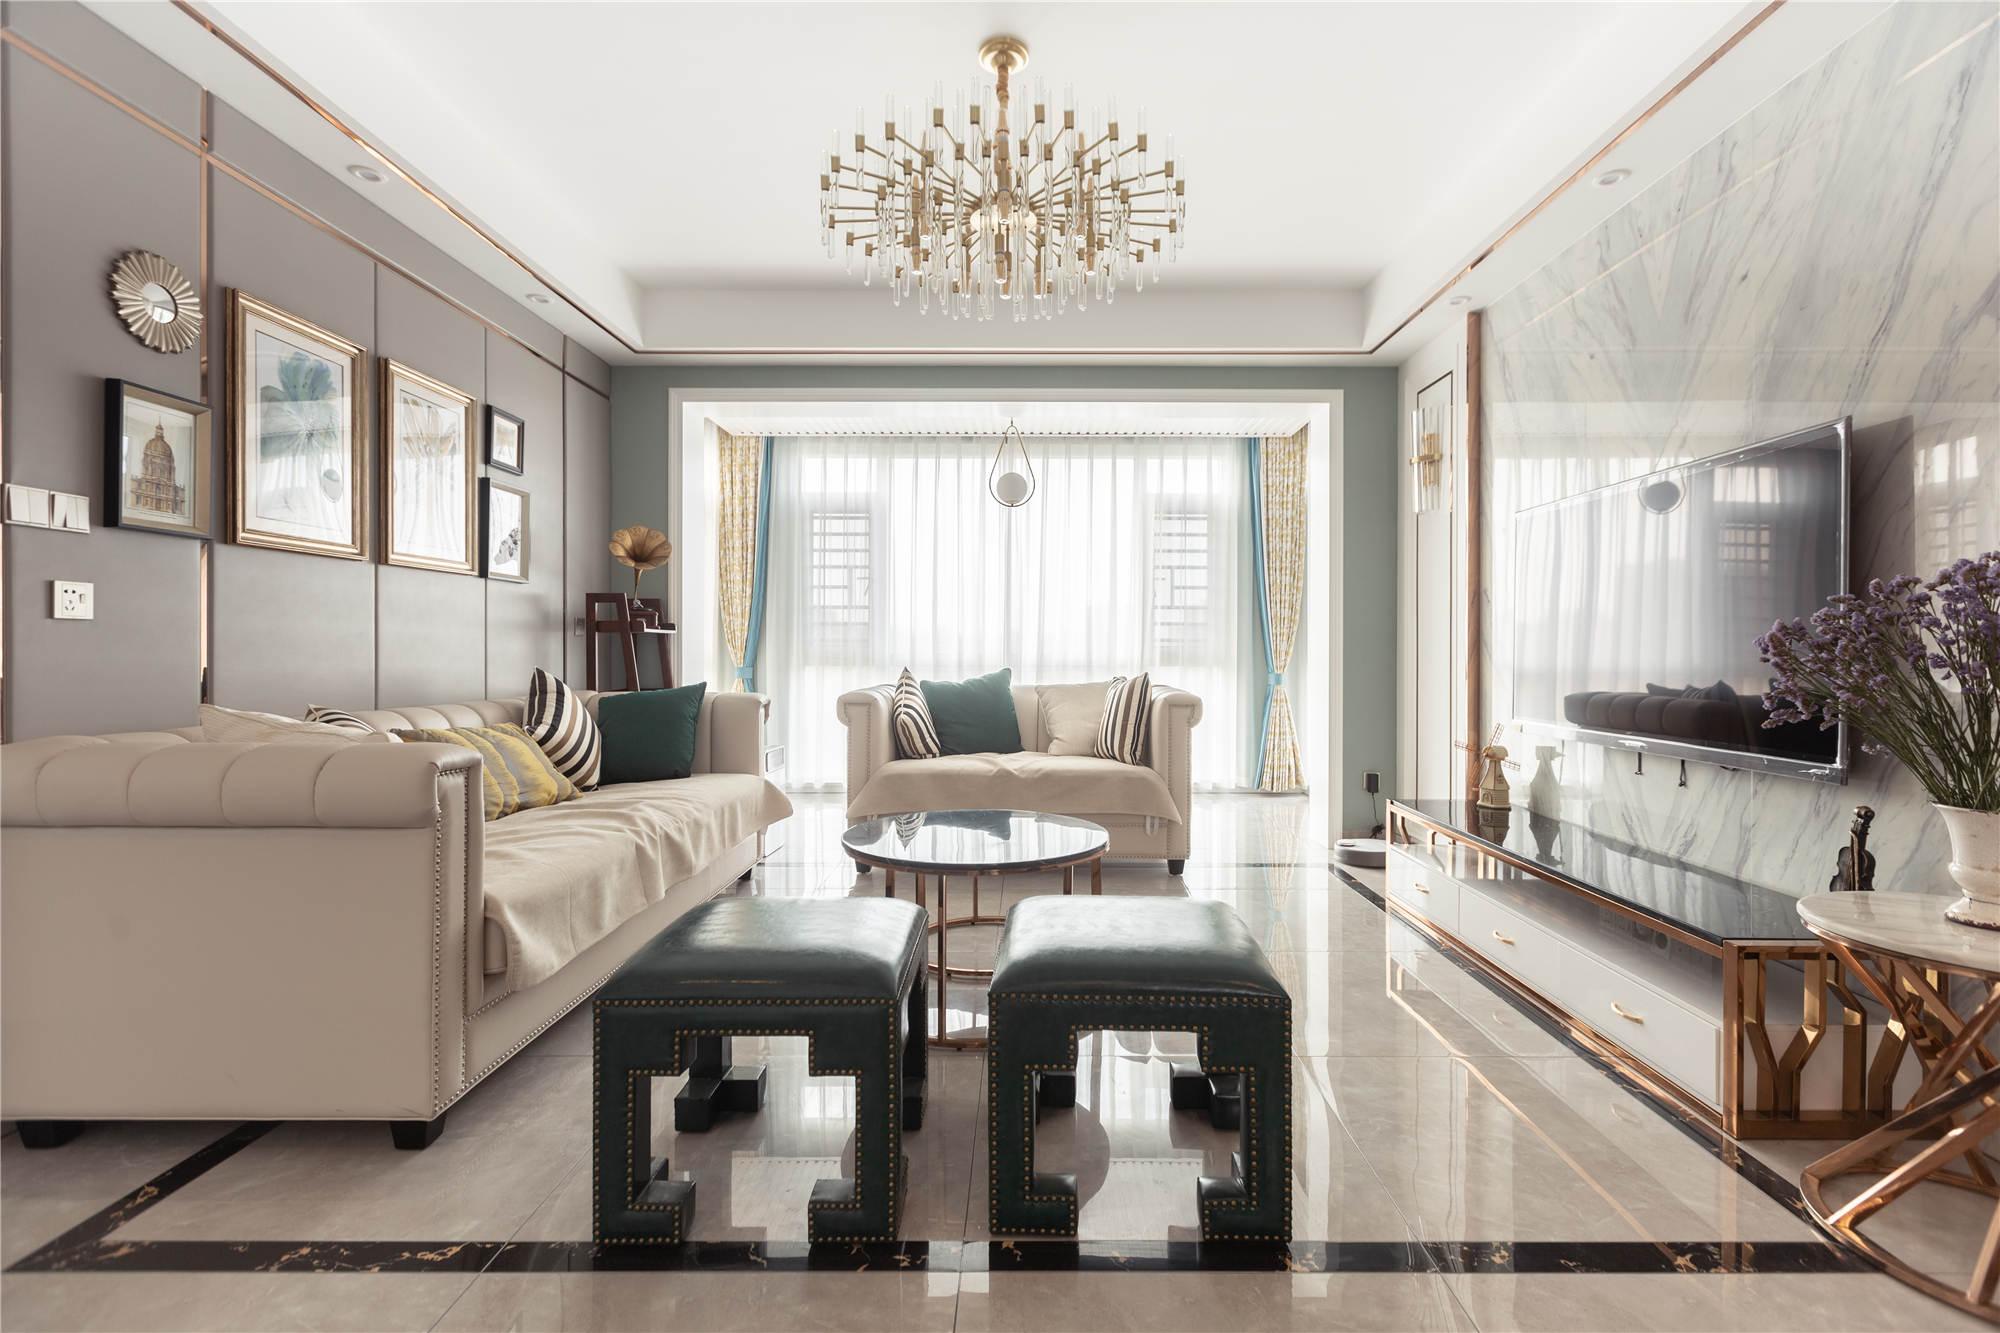 大汉龙苑 / 美式风格 / 130平米装修案例